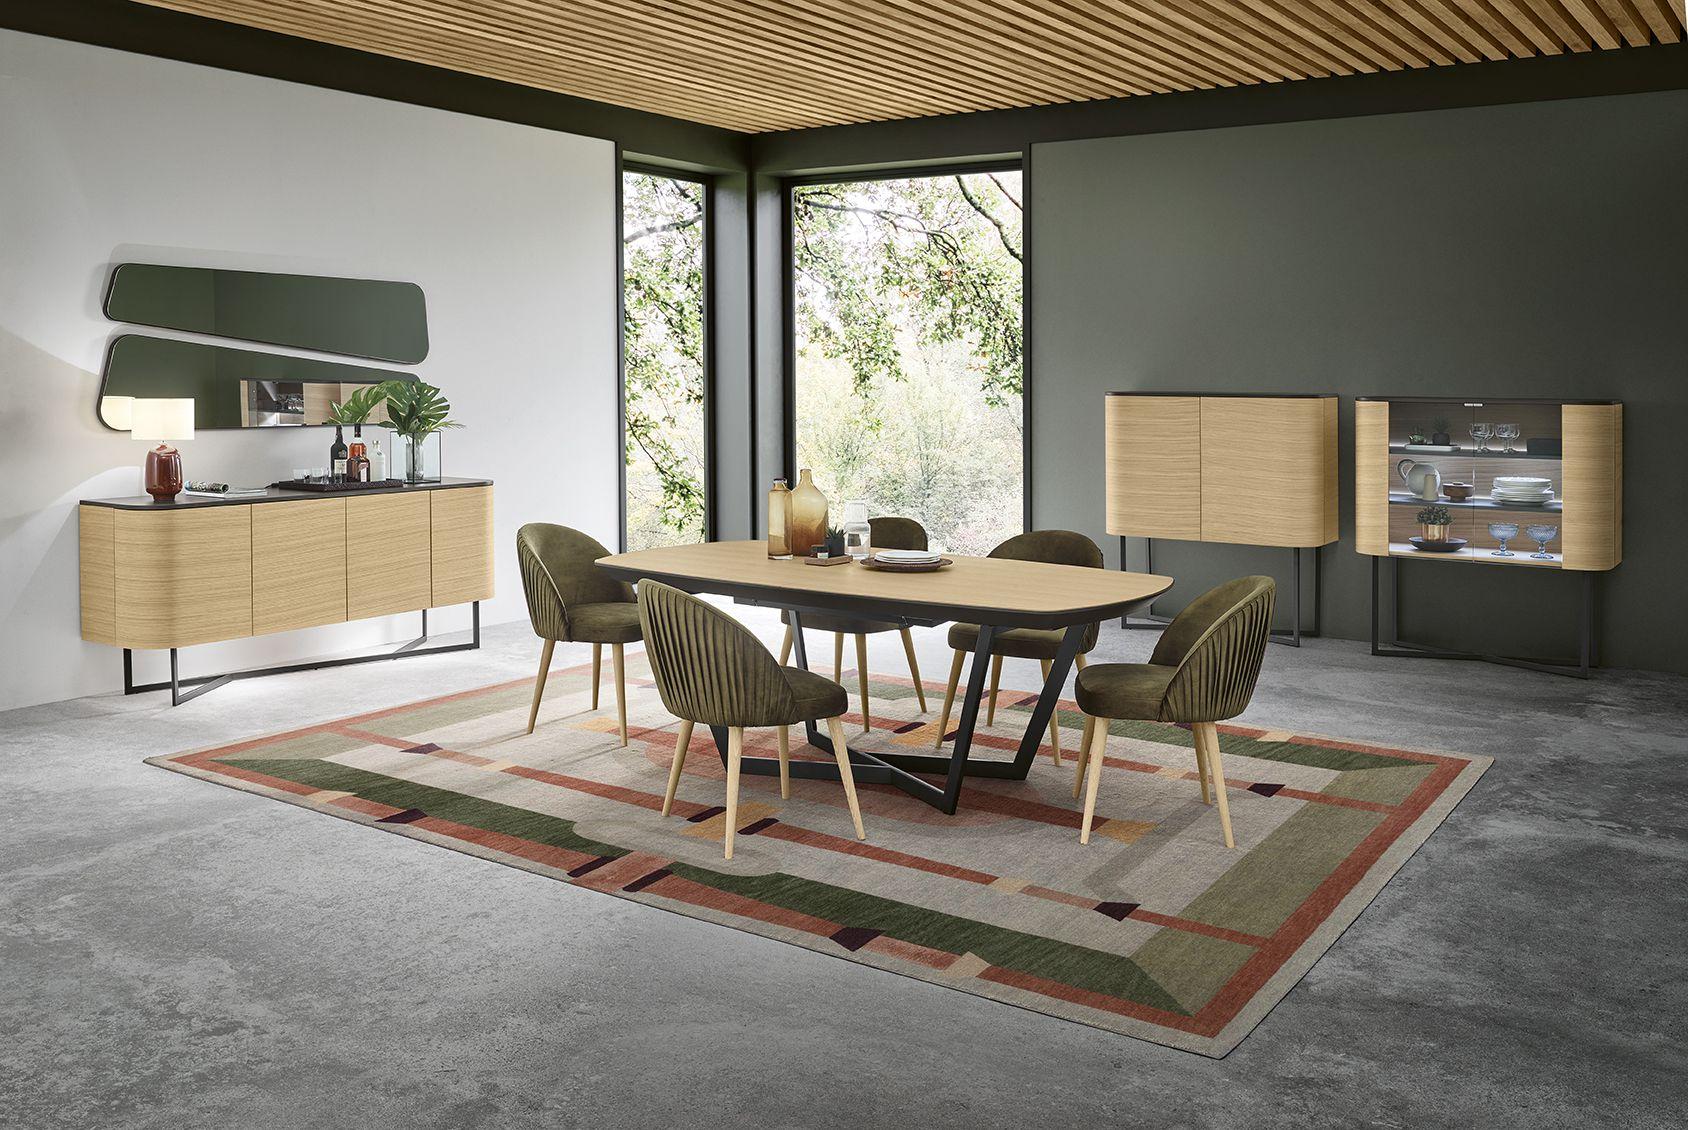 Sala de jantar contemporânea em madeira e verde musgo